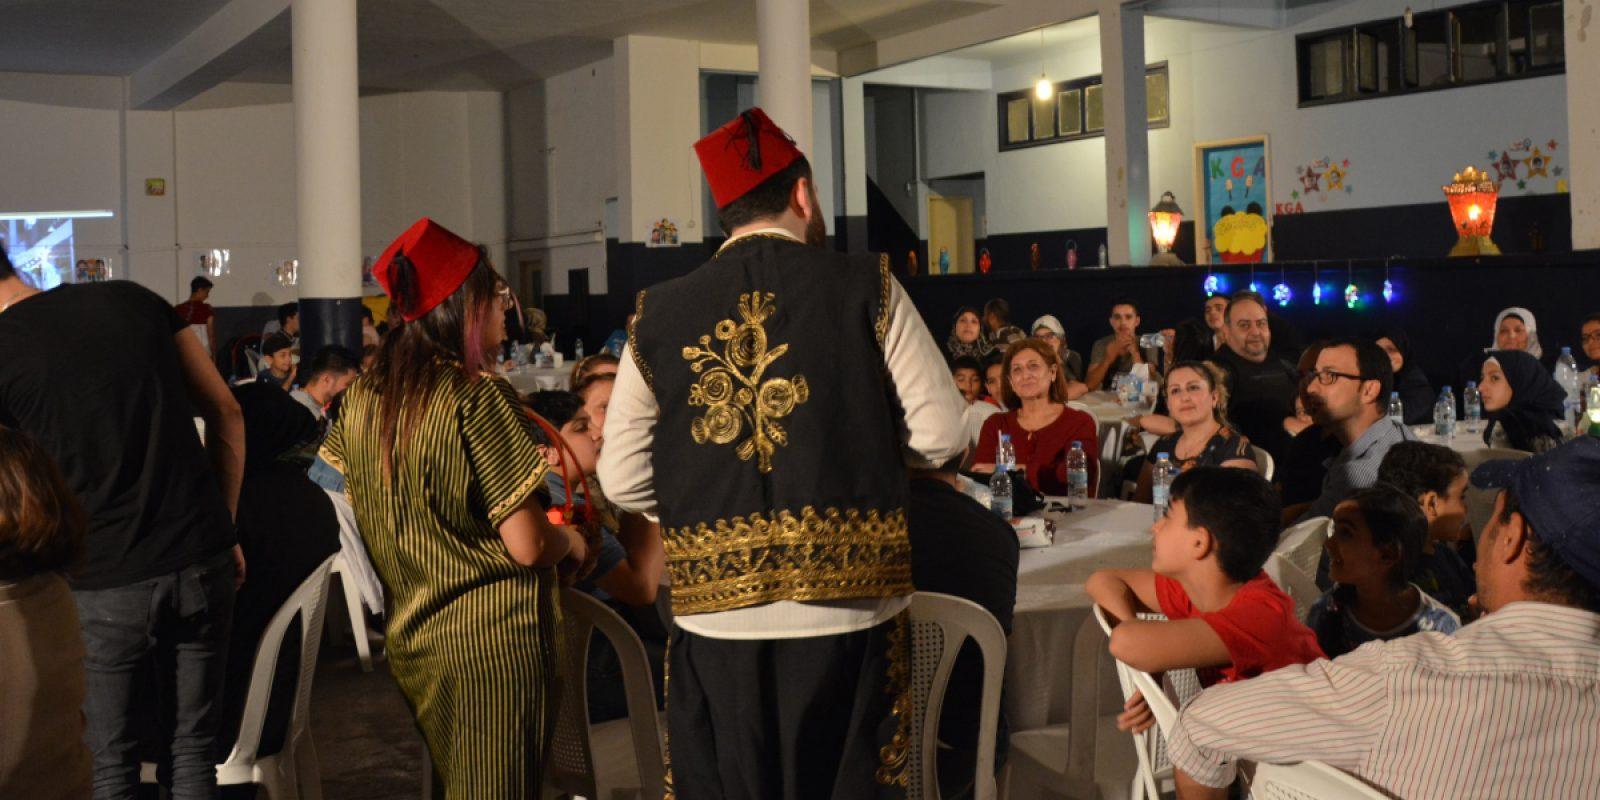 En el Líbano, durante el Ramadán, los estudiantes sirios refugiados y sus padres se reunieron para un Iftar, la cena con la que los musulmanes rompen el ayuno tras la puesta del sol durante el Ramadán, en el Centro Frans van der Lugt, en Bourj Hammoud. Al evento también asistieron las familias cristianas iraquíes del centro, que trajeron biryani [platos de arroz] caseros para compartirlos con los miembros de la comunidad musulmana, en un gesto de paz y solidaridad. (Servicio Jesuita a Refugiados)